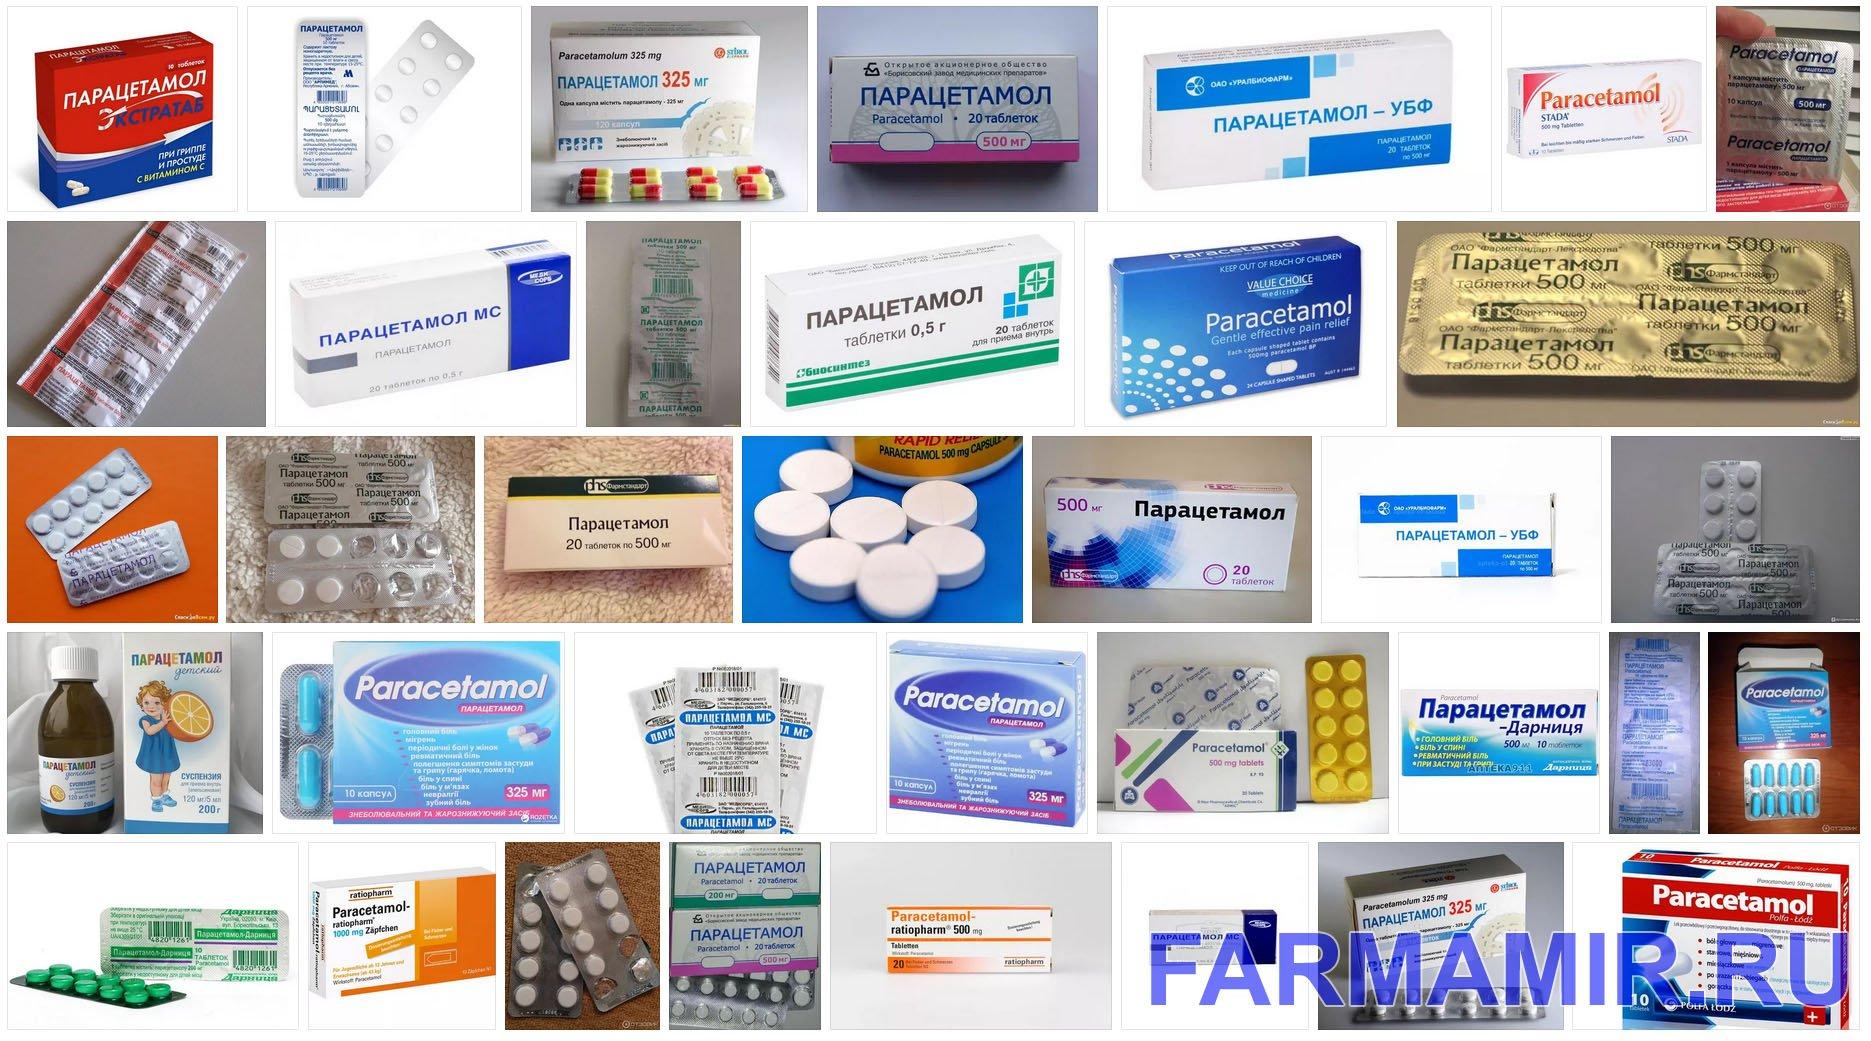 Парацетамол коллаж виды препарата